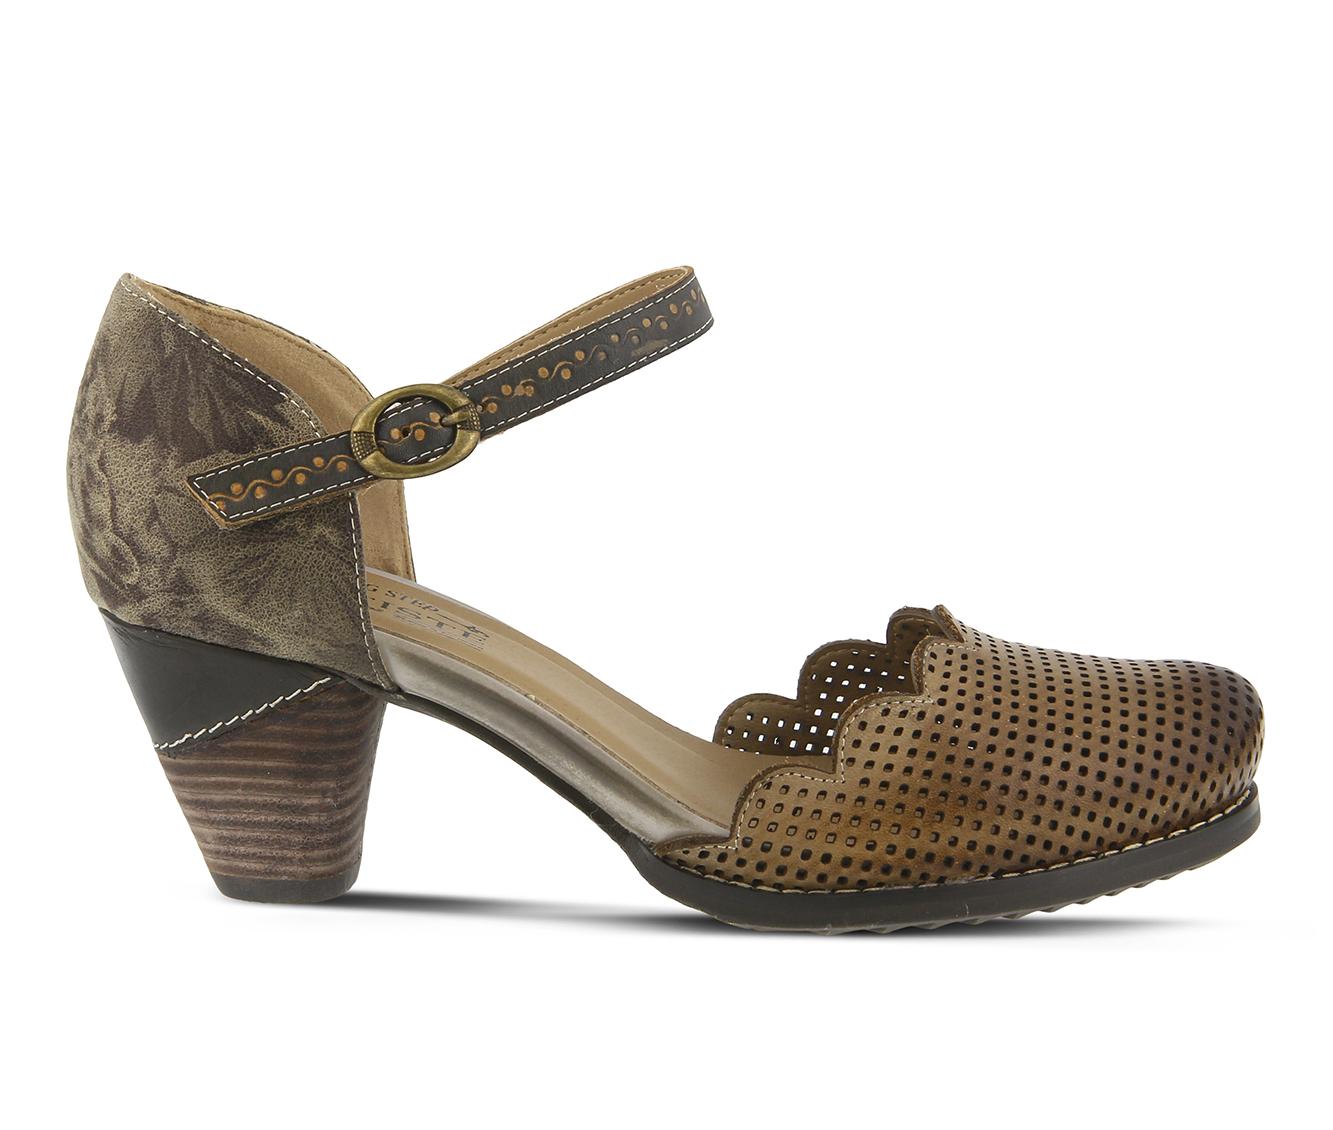 L'Artiste Parchelle Women's Dress Shoe (Gray Leather)